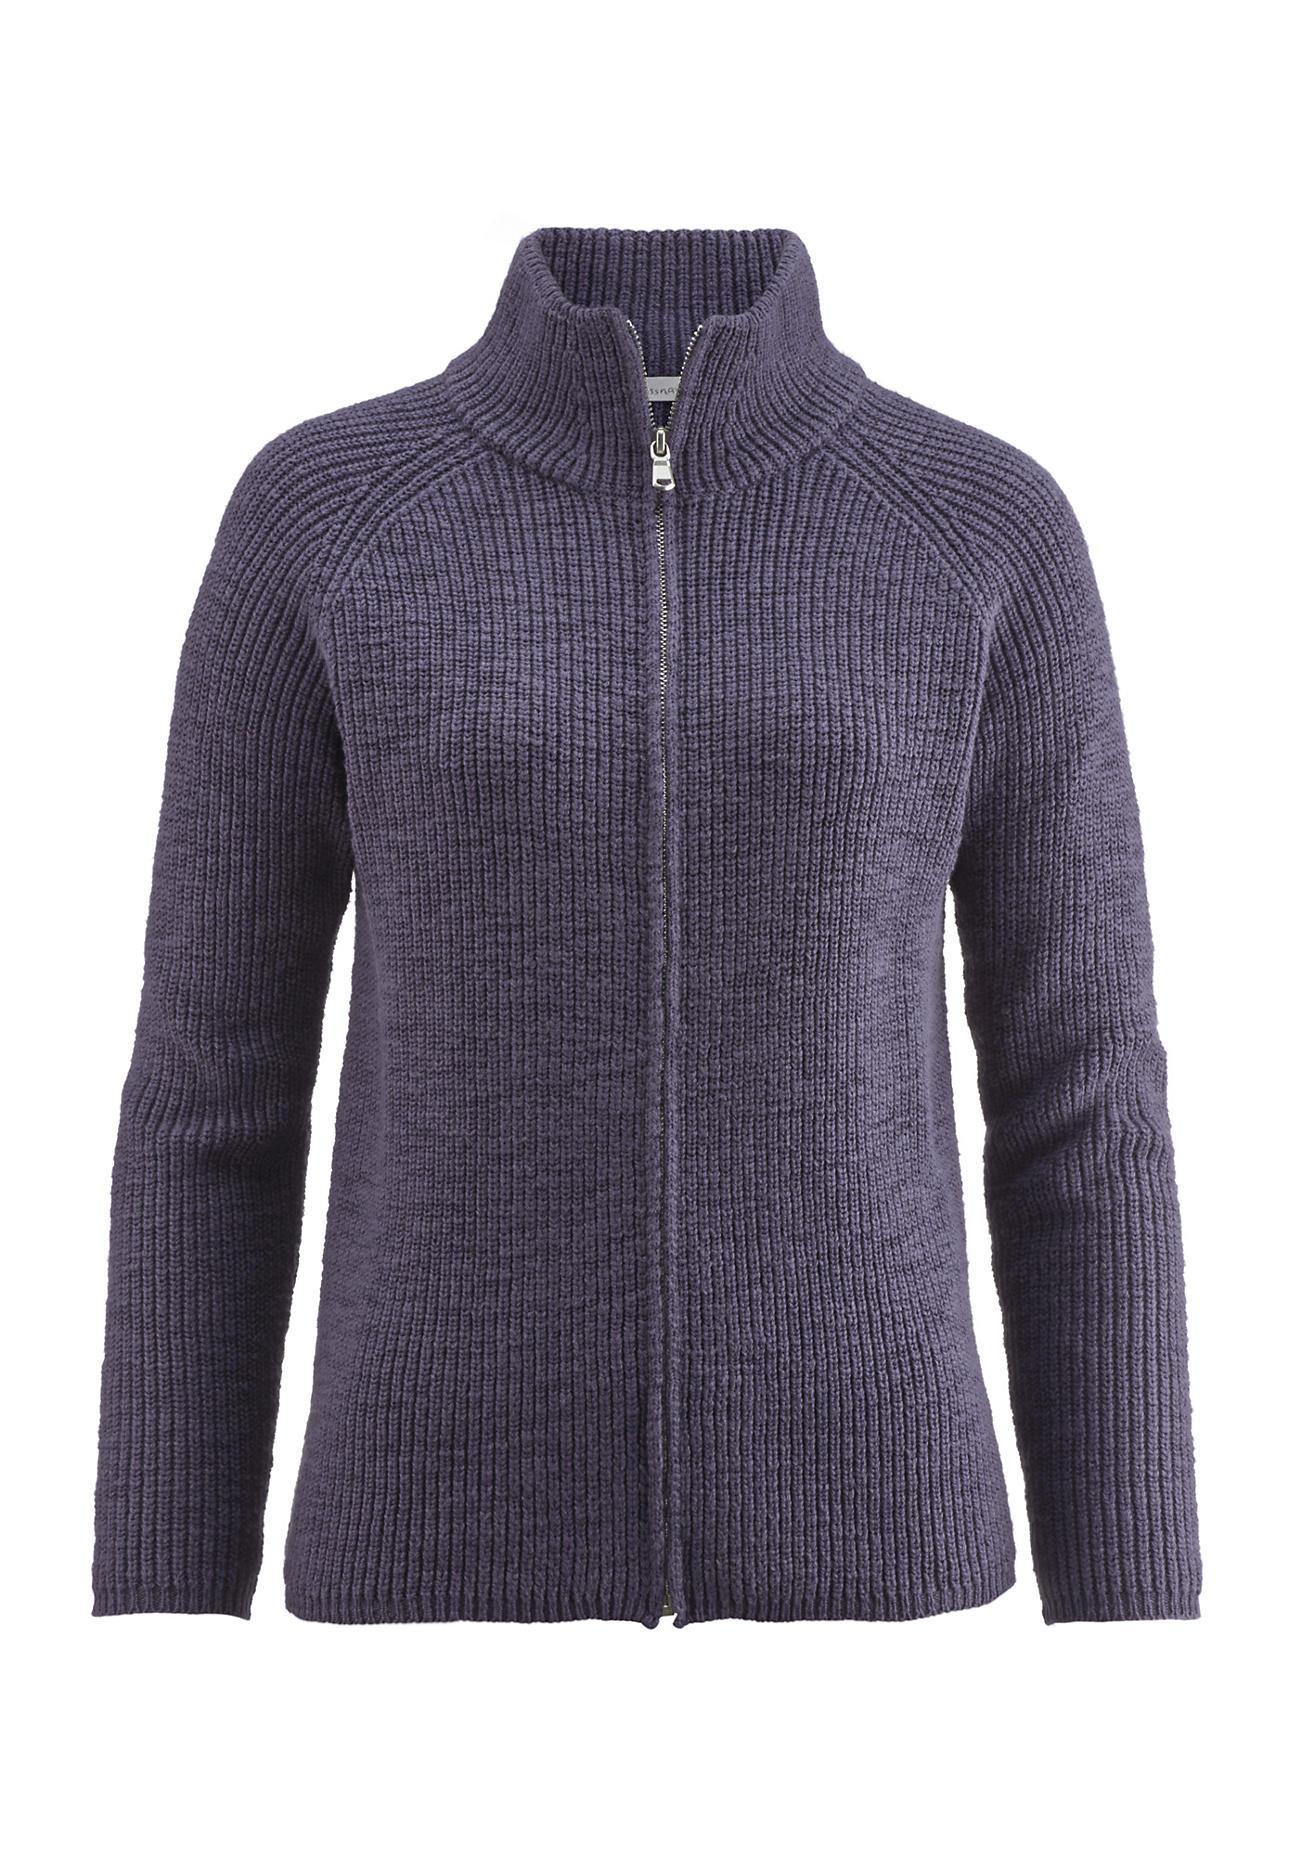 hessnatur -  Damen Strickjacke aus Bio-Baumwolle – lila – Größe 34